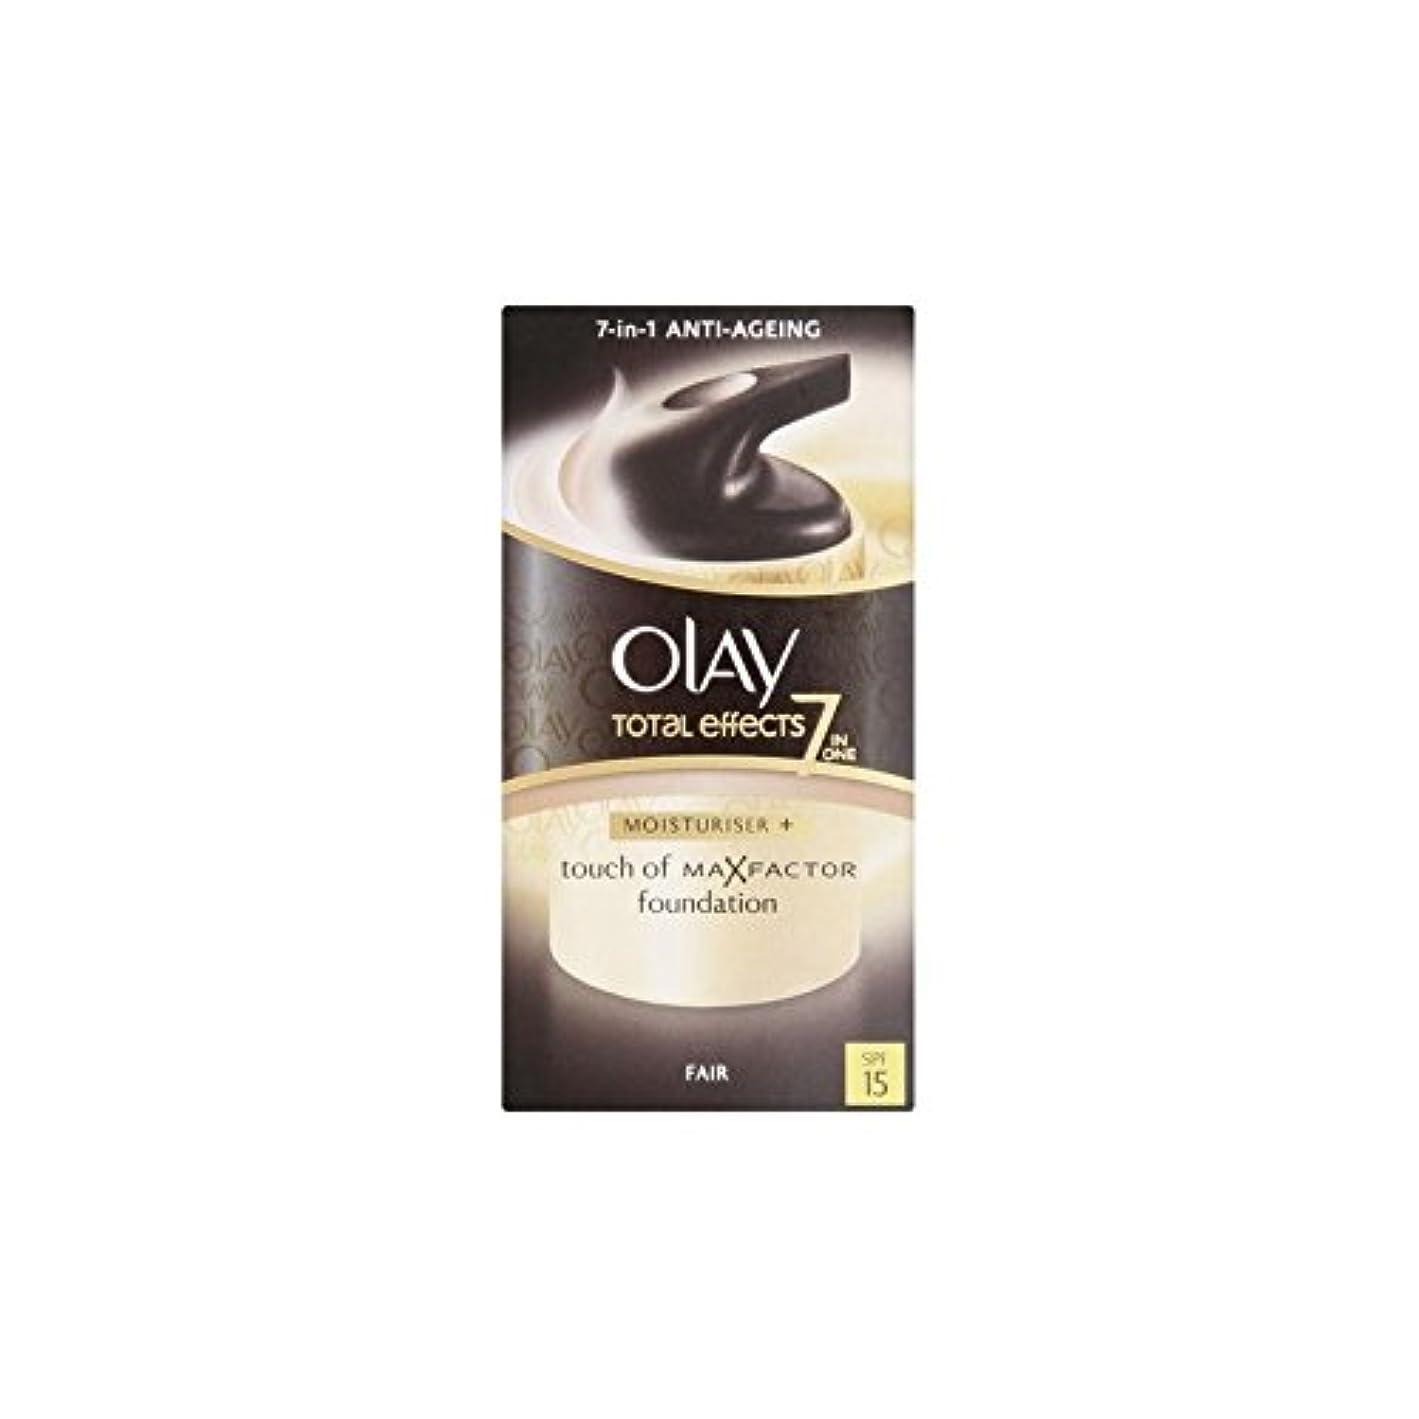 ペパーミントビリーヤギ一見オーレイトータルエフェクト保湿クリーム15 - フェア(50ミリリットル) x2 - Olay Total Effects Moisturiser Bb Cream Spf15 - Fair (50ml) (Pack of...